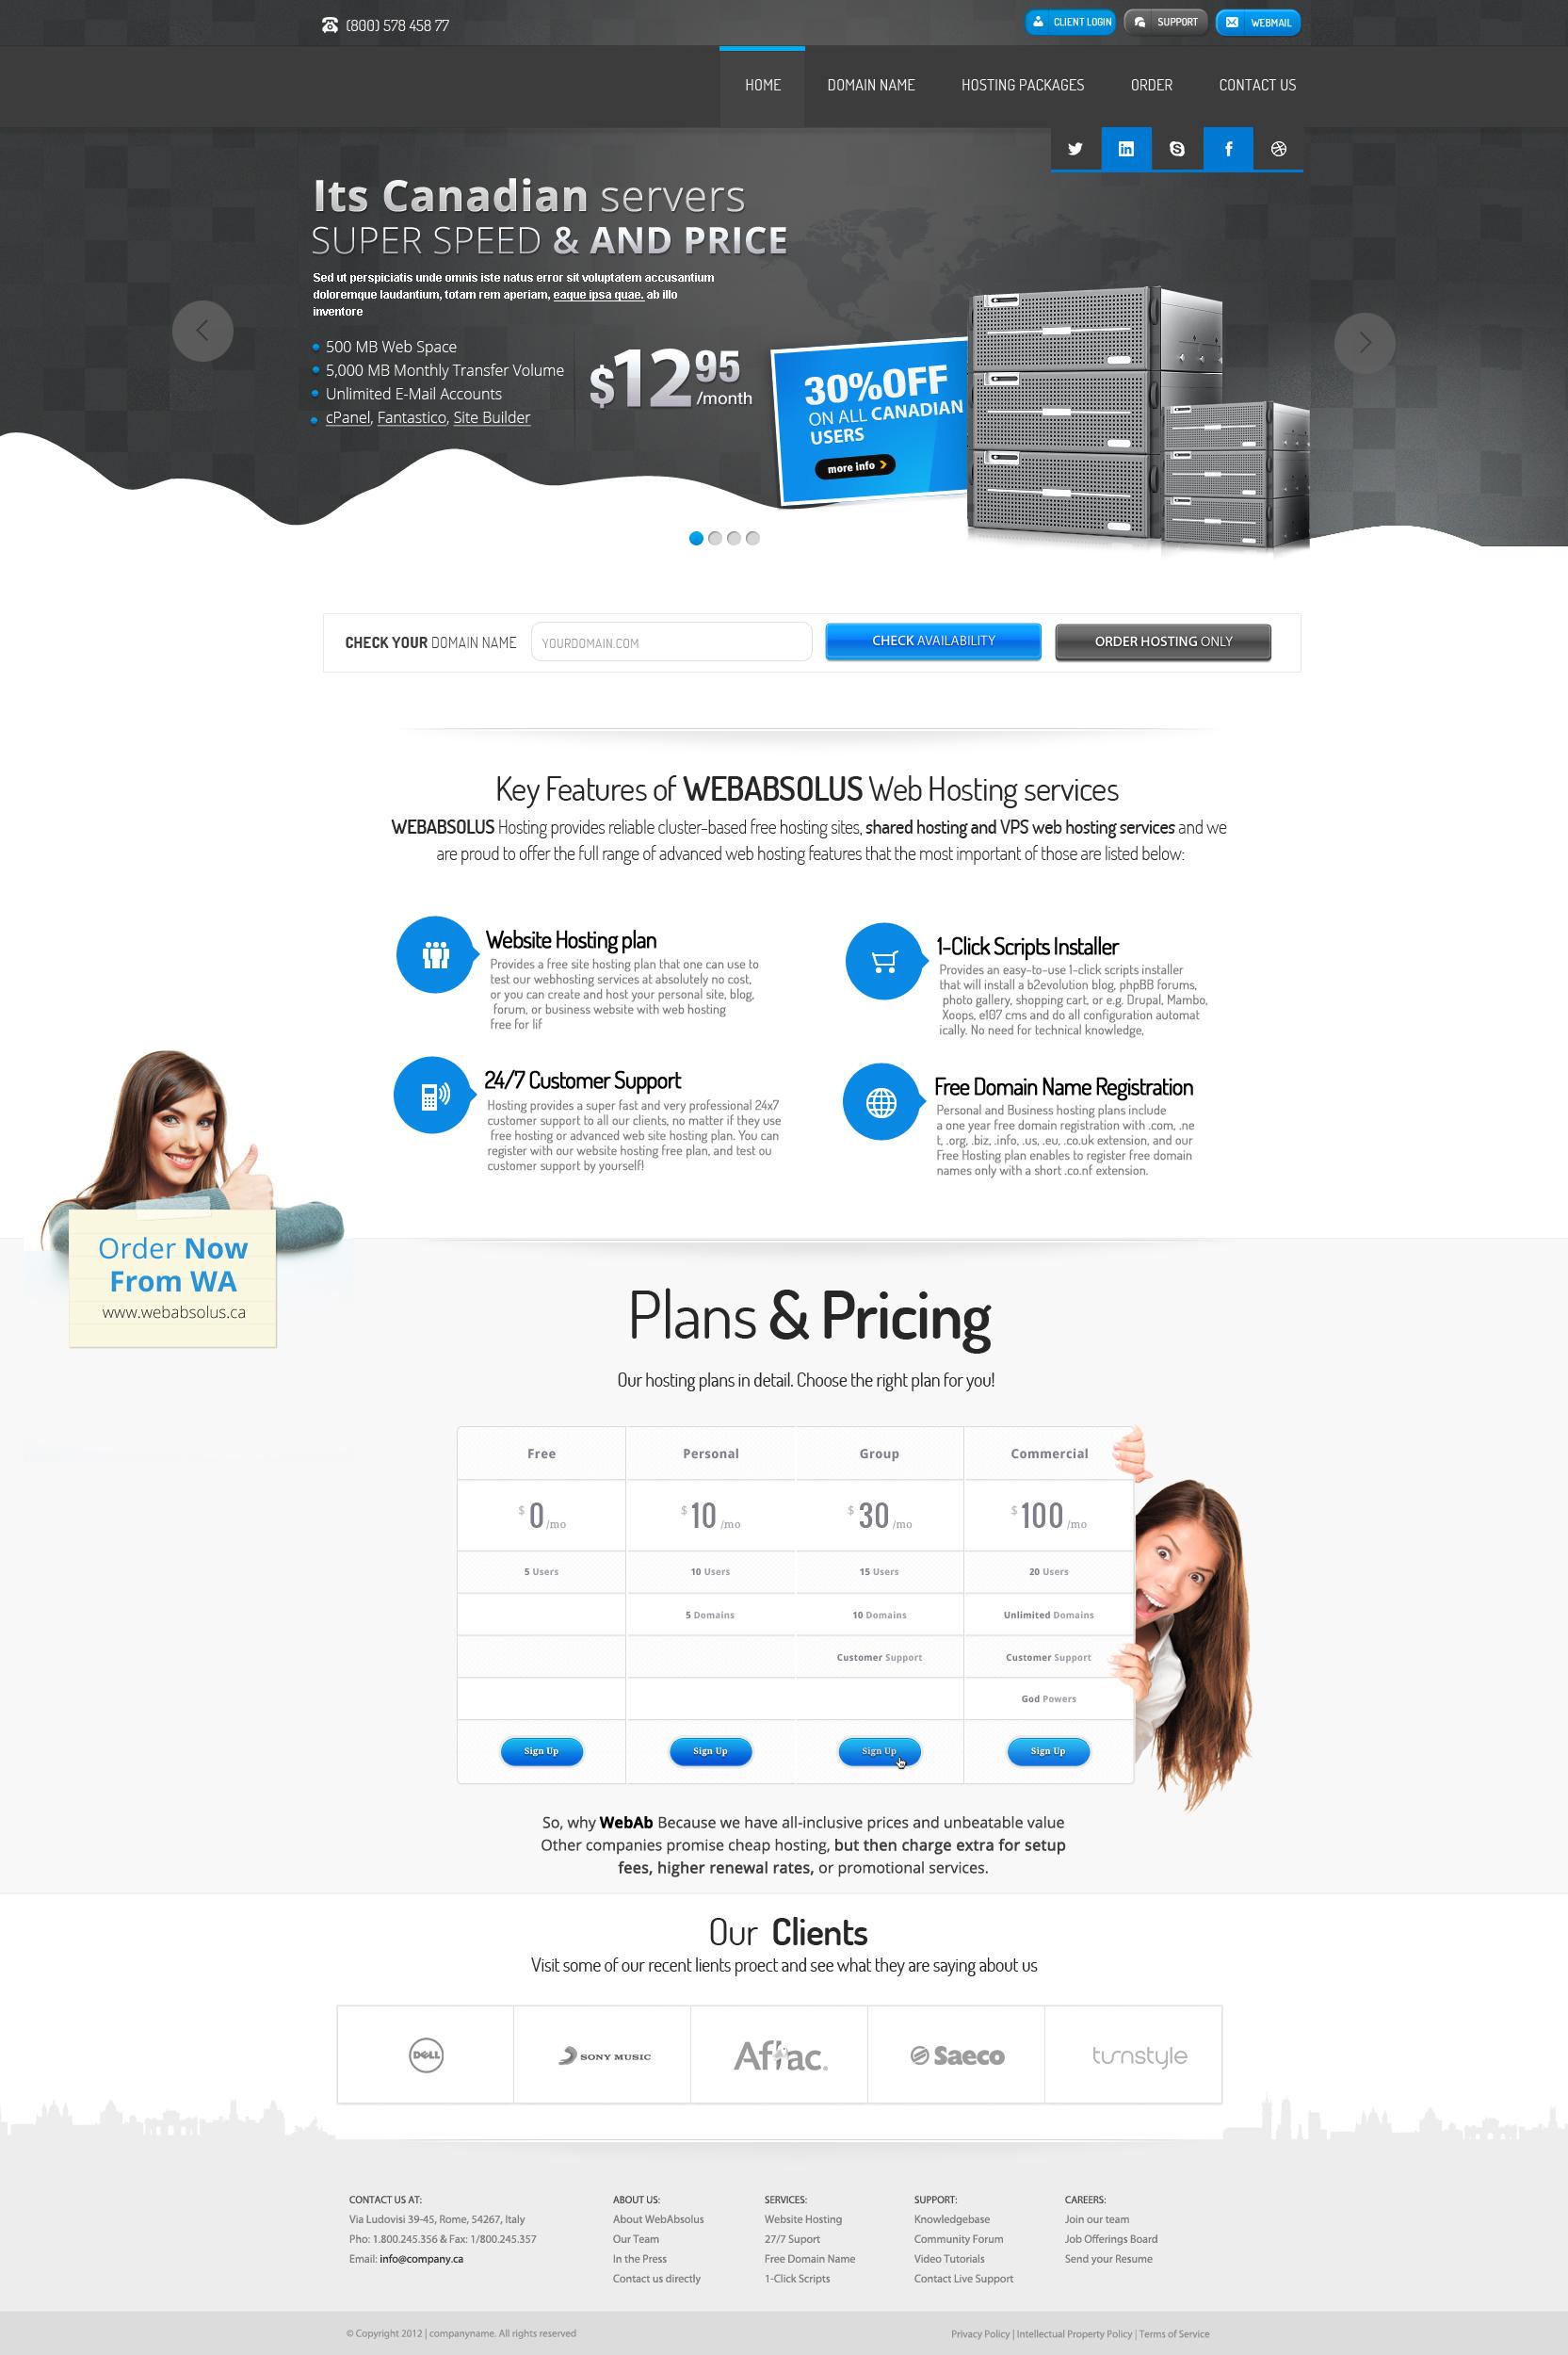 Веб дизайн хостинг сайт автопроизводителя ваз